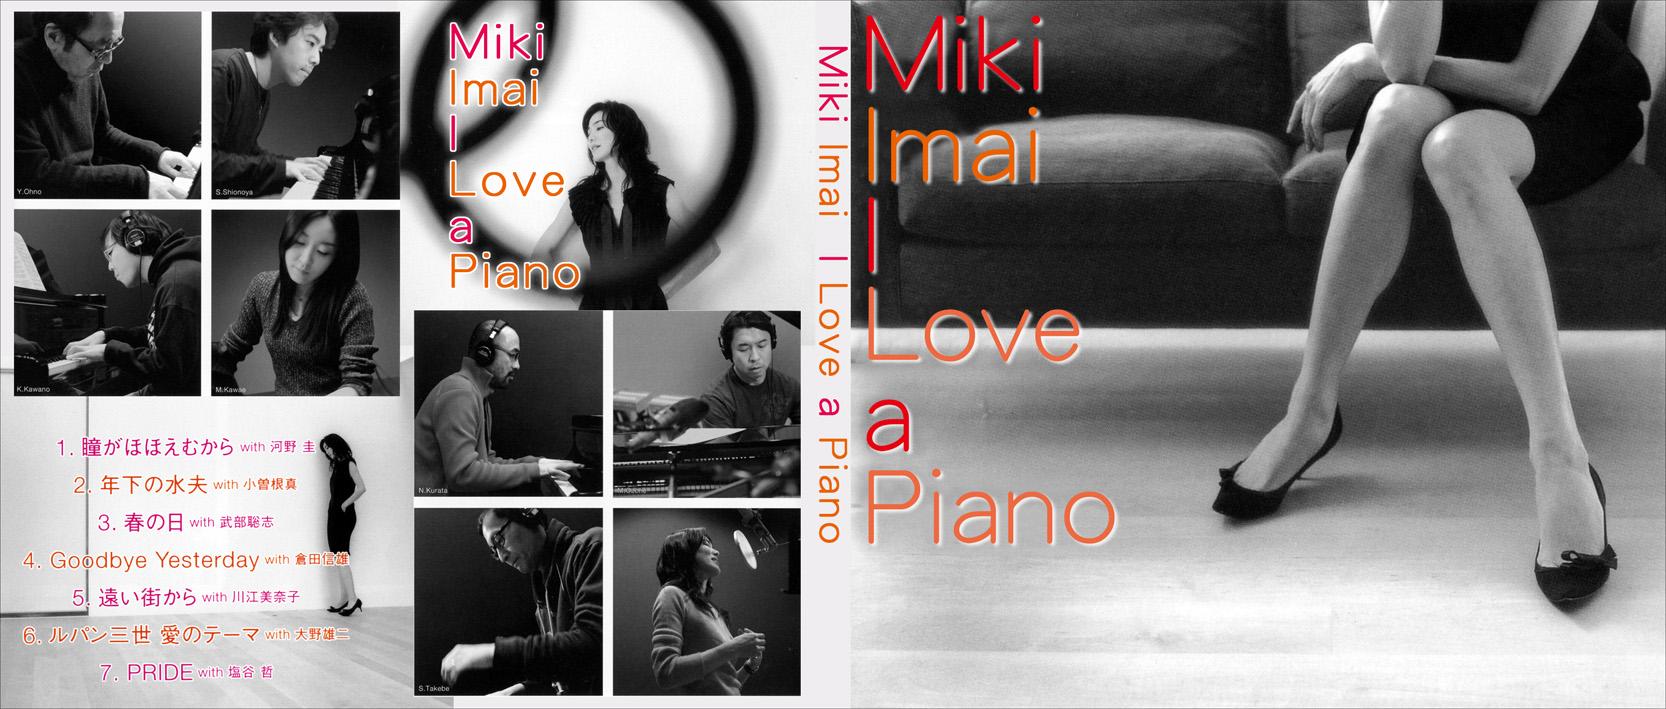 今井美樹 ~I Love a Piano~ - tanapapa 自作ラベル保管庫